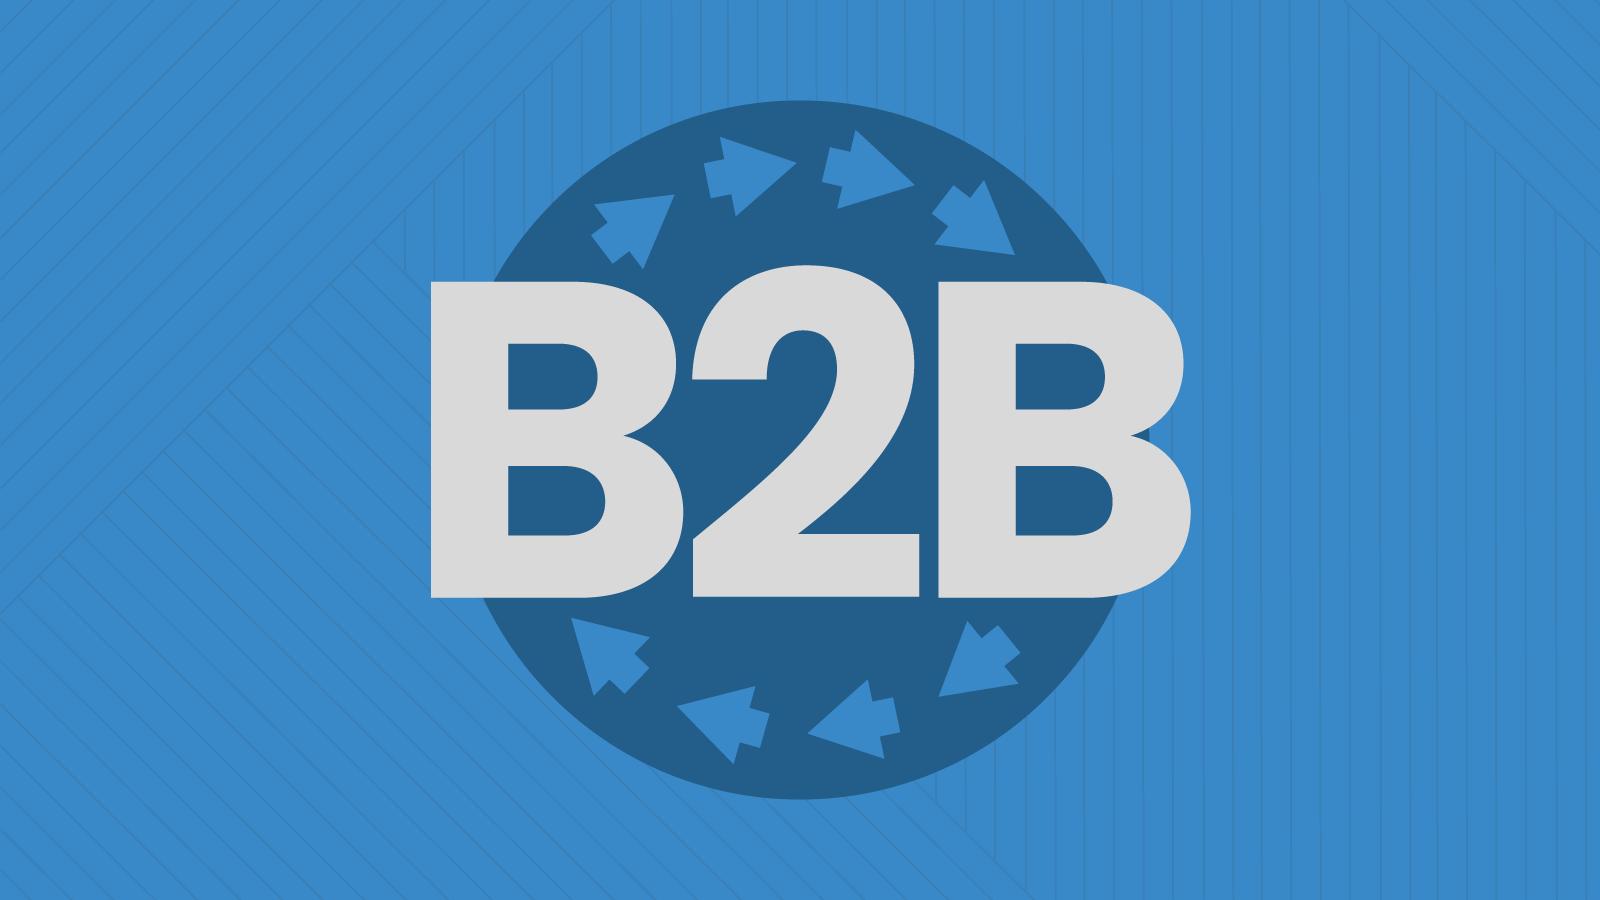 B2B with circular arrows